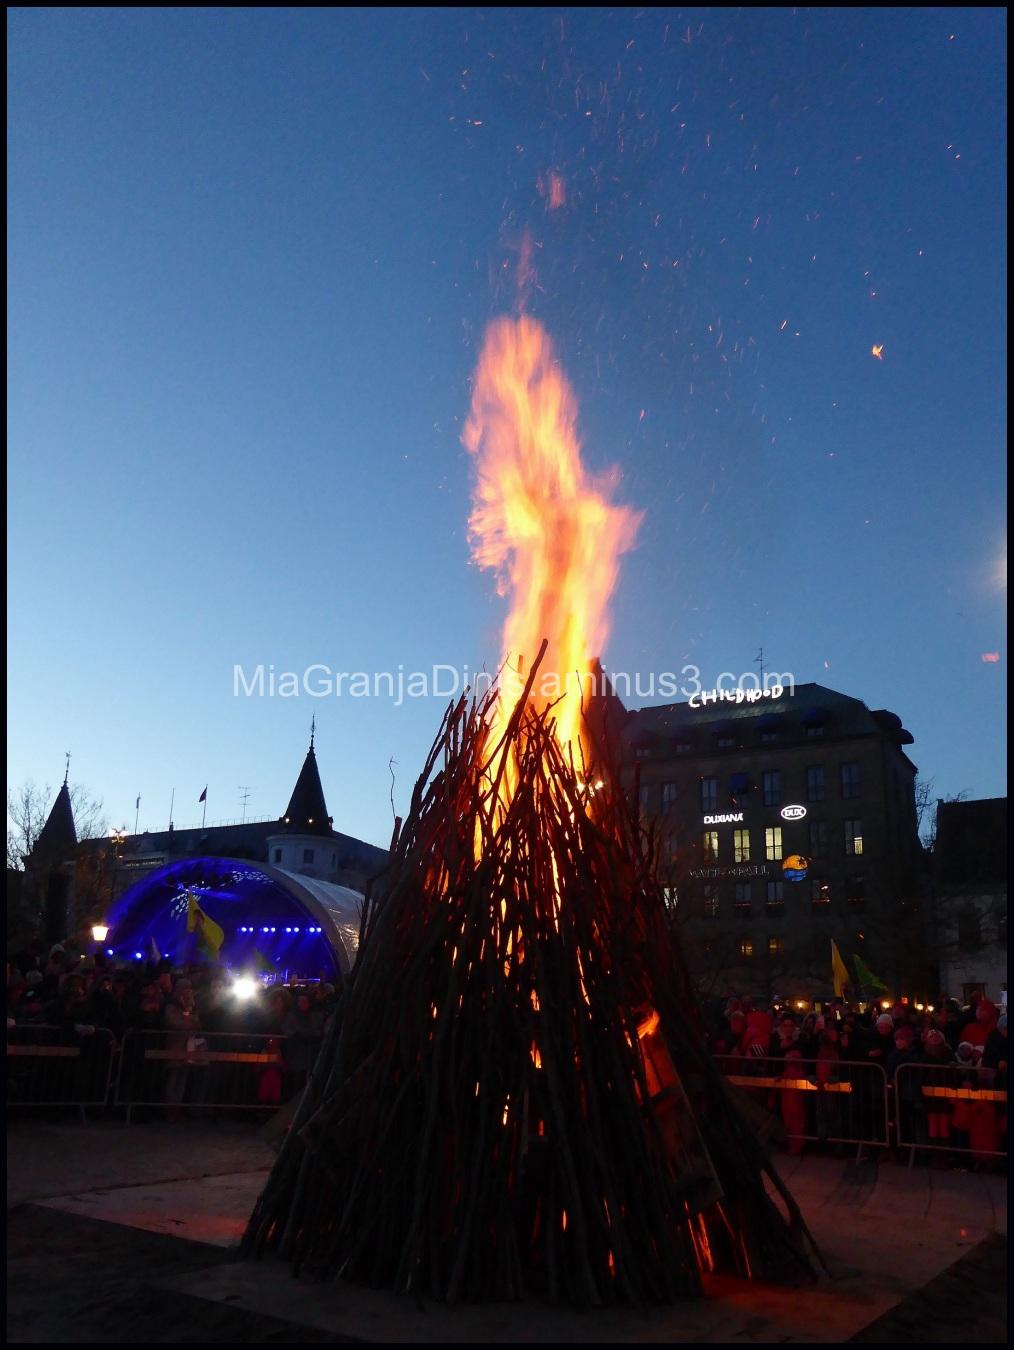 Fire Celebration in Malmö